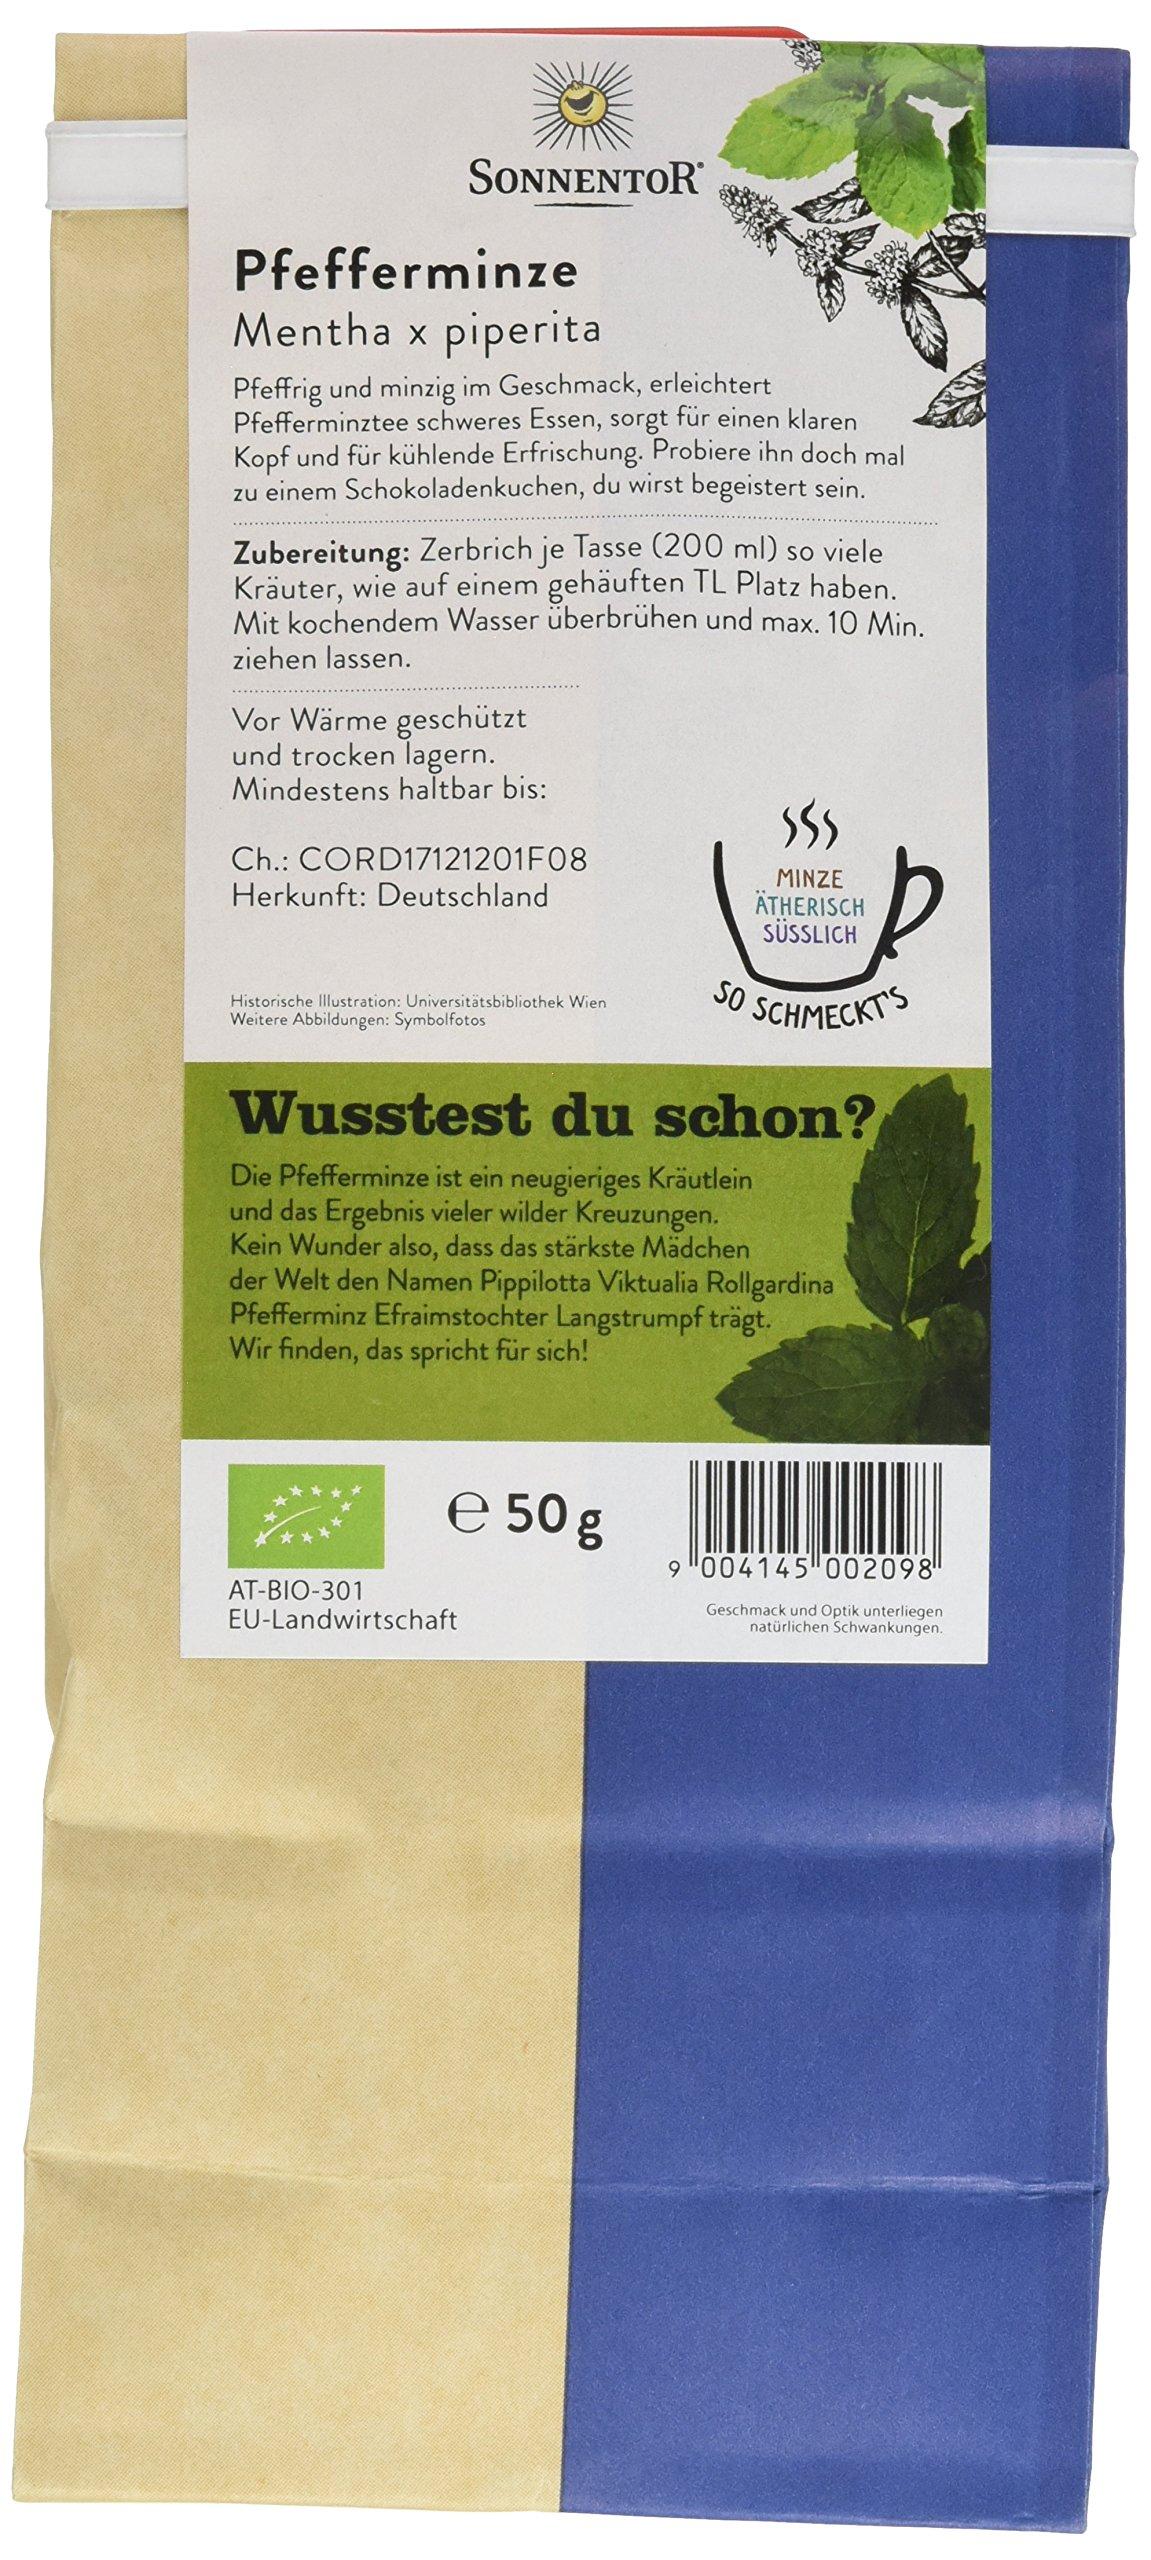 Sonnentor-Tee-Pfefferminze-lose-1er-Pack-1-x-50-g-Bio